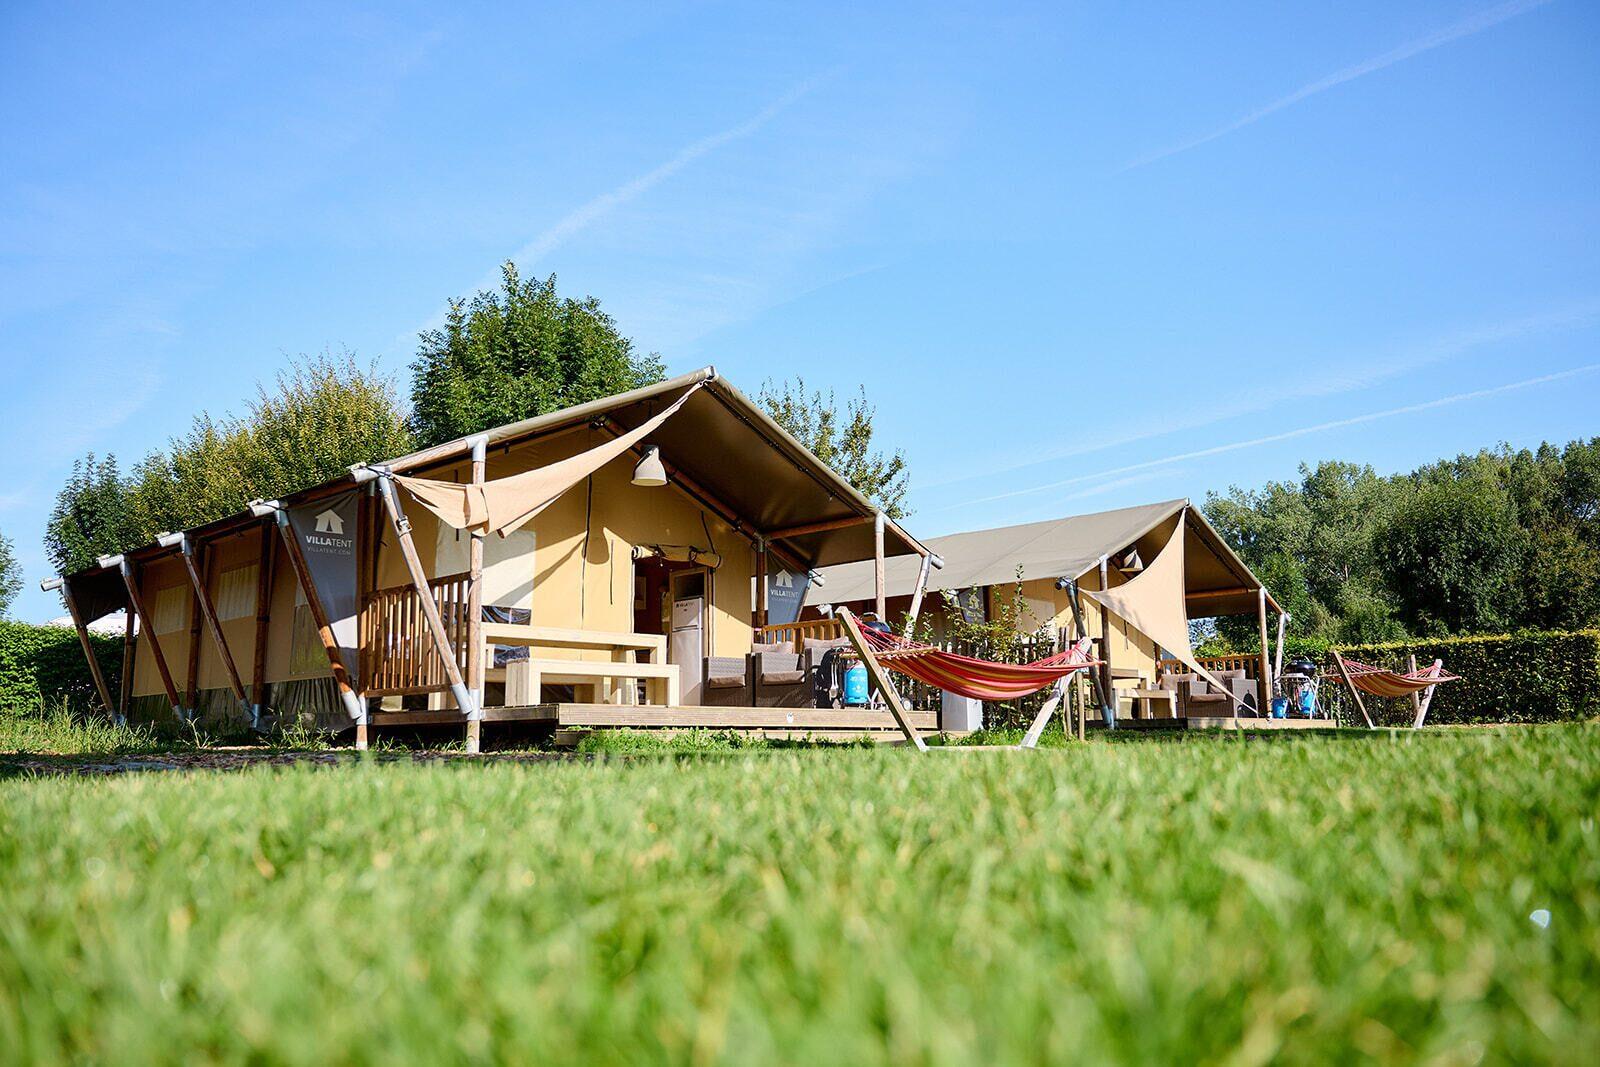 Camping 't Geuldal | Villatent XL met sanitair | 4 tot 6 pers.